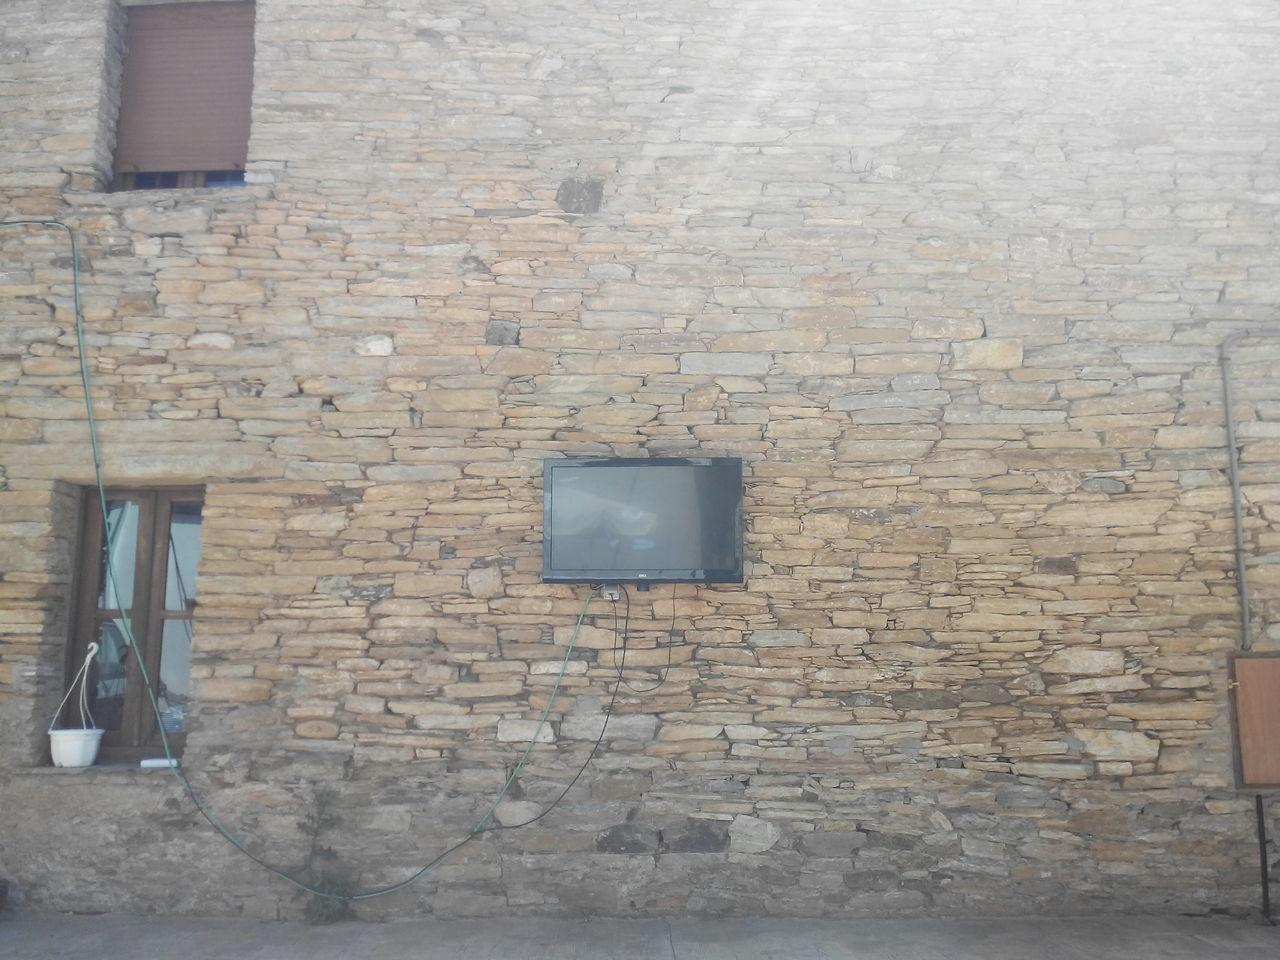 Camino CaminodeSantiago El Camino De Santiago Fenster Und Türen Jakobsweg Pattern Stone Wall Textured  Tv Wall Way Of Saint James